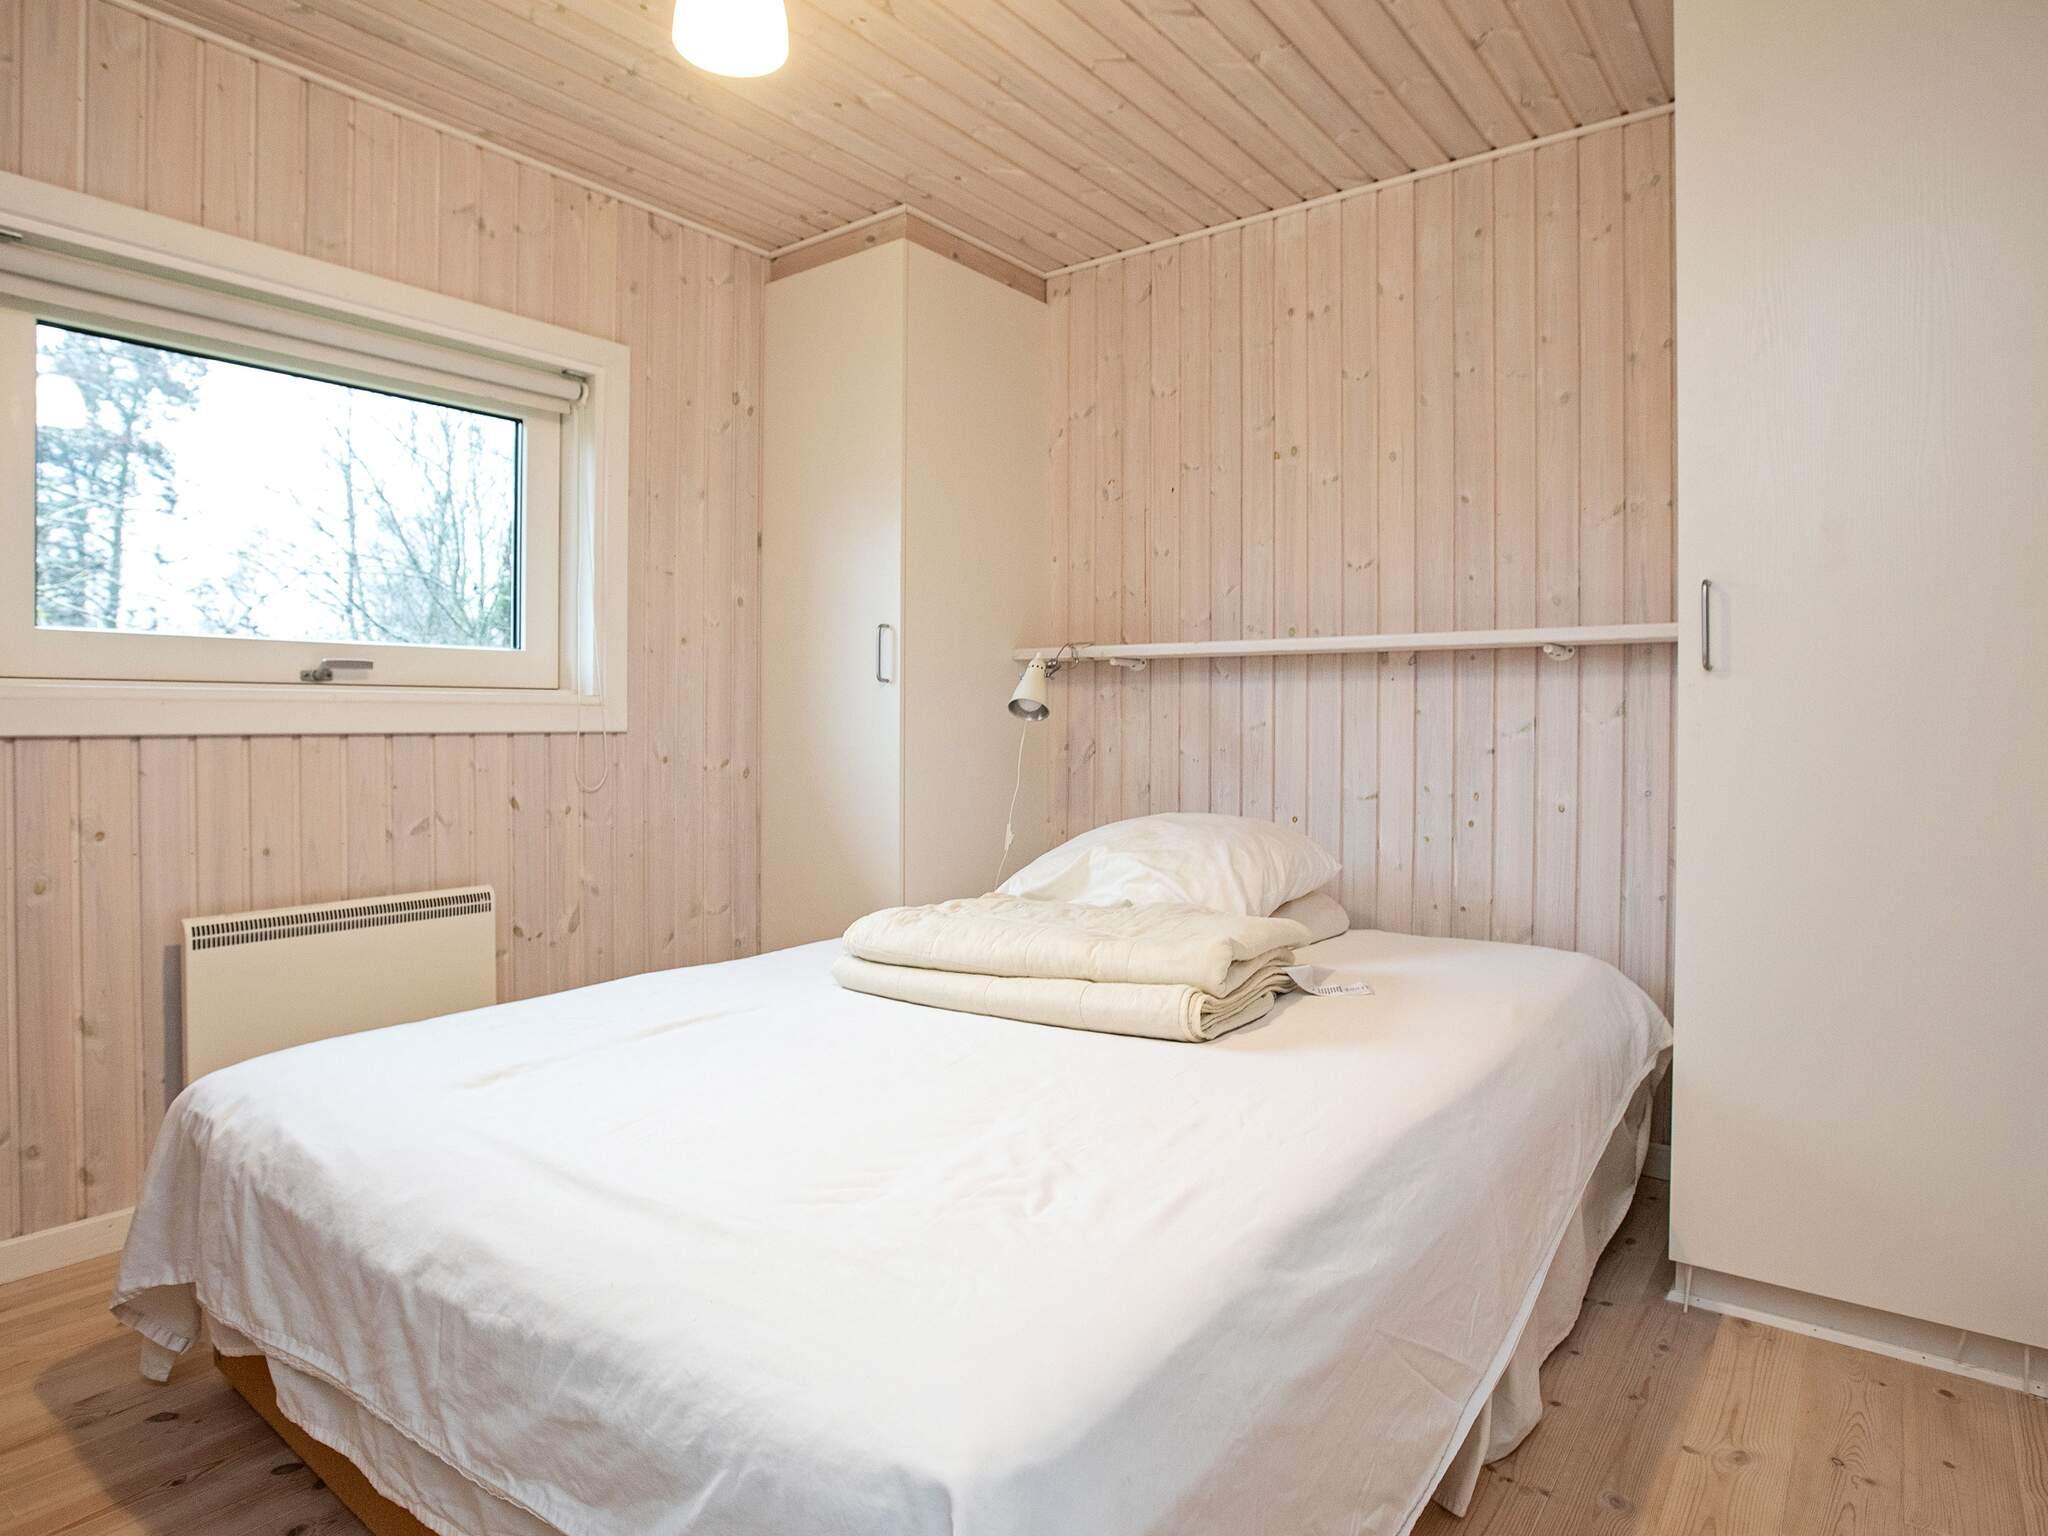 Ferienhaus Vejby (2701529), Vejby, , Nordseeland, Dänemark, Bild 12